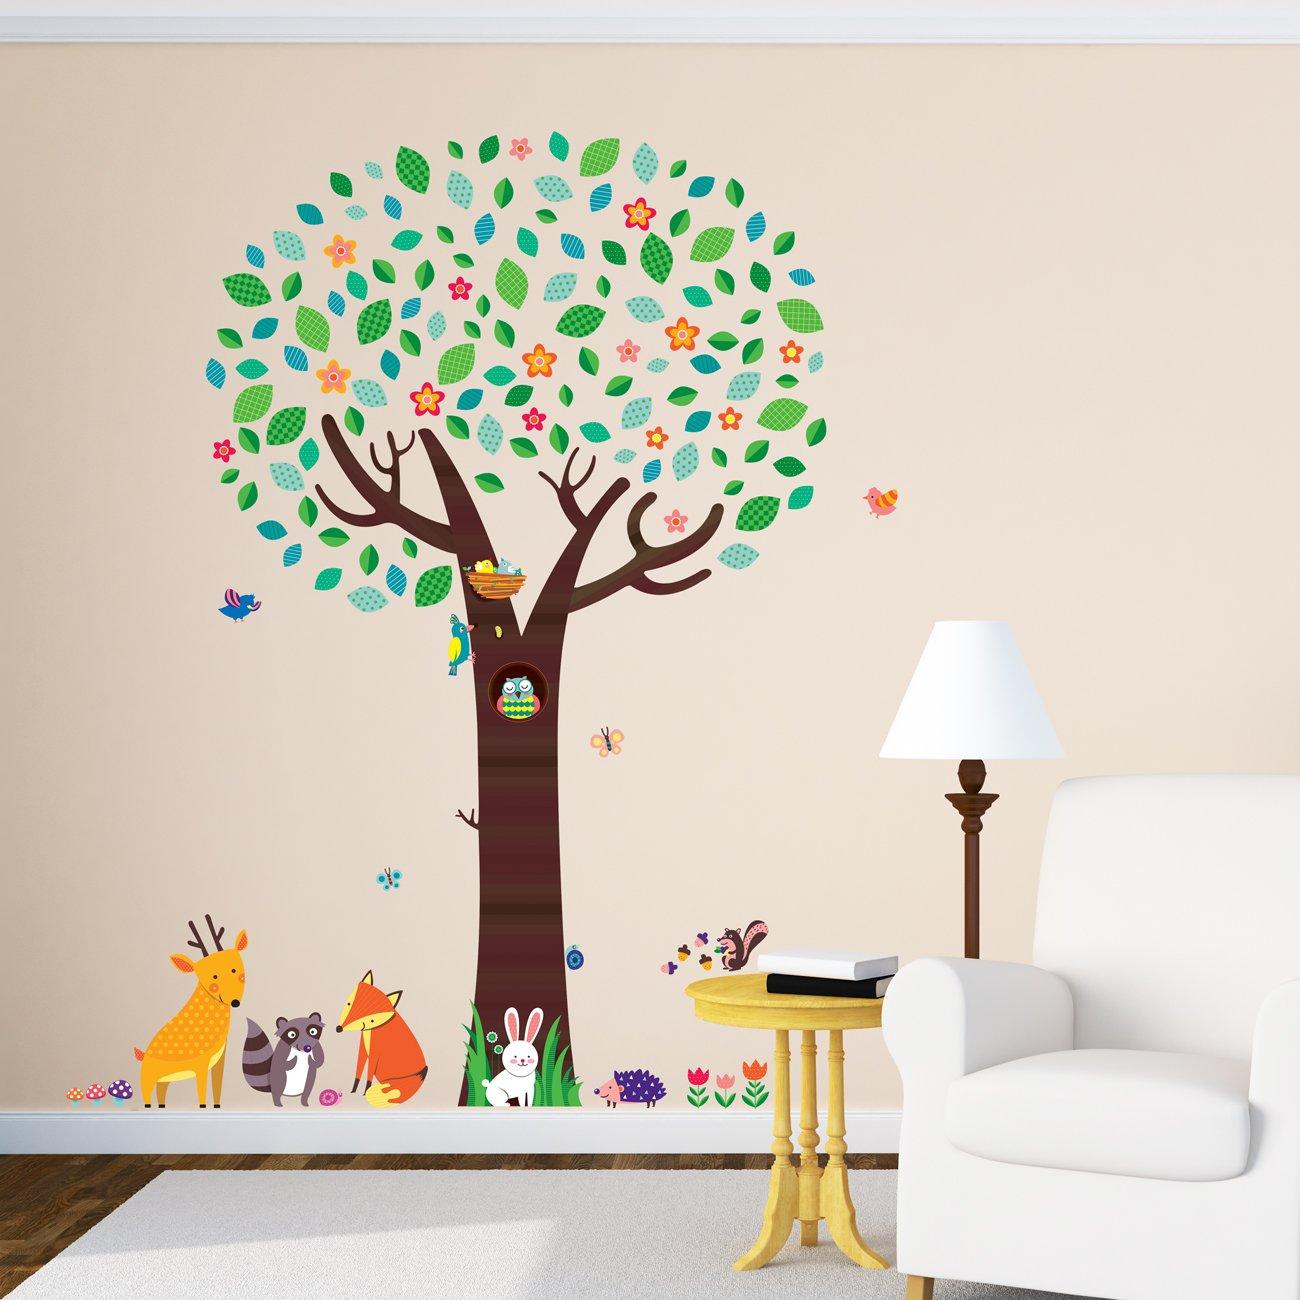 Decowall DML 1312 Großer Baum Mit Waldtiere Tiere Wandtattoo Wandsticker  Wandaufkleber Wanddeko Für Wohnzimmer Schlafzimmer